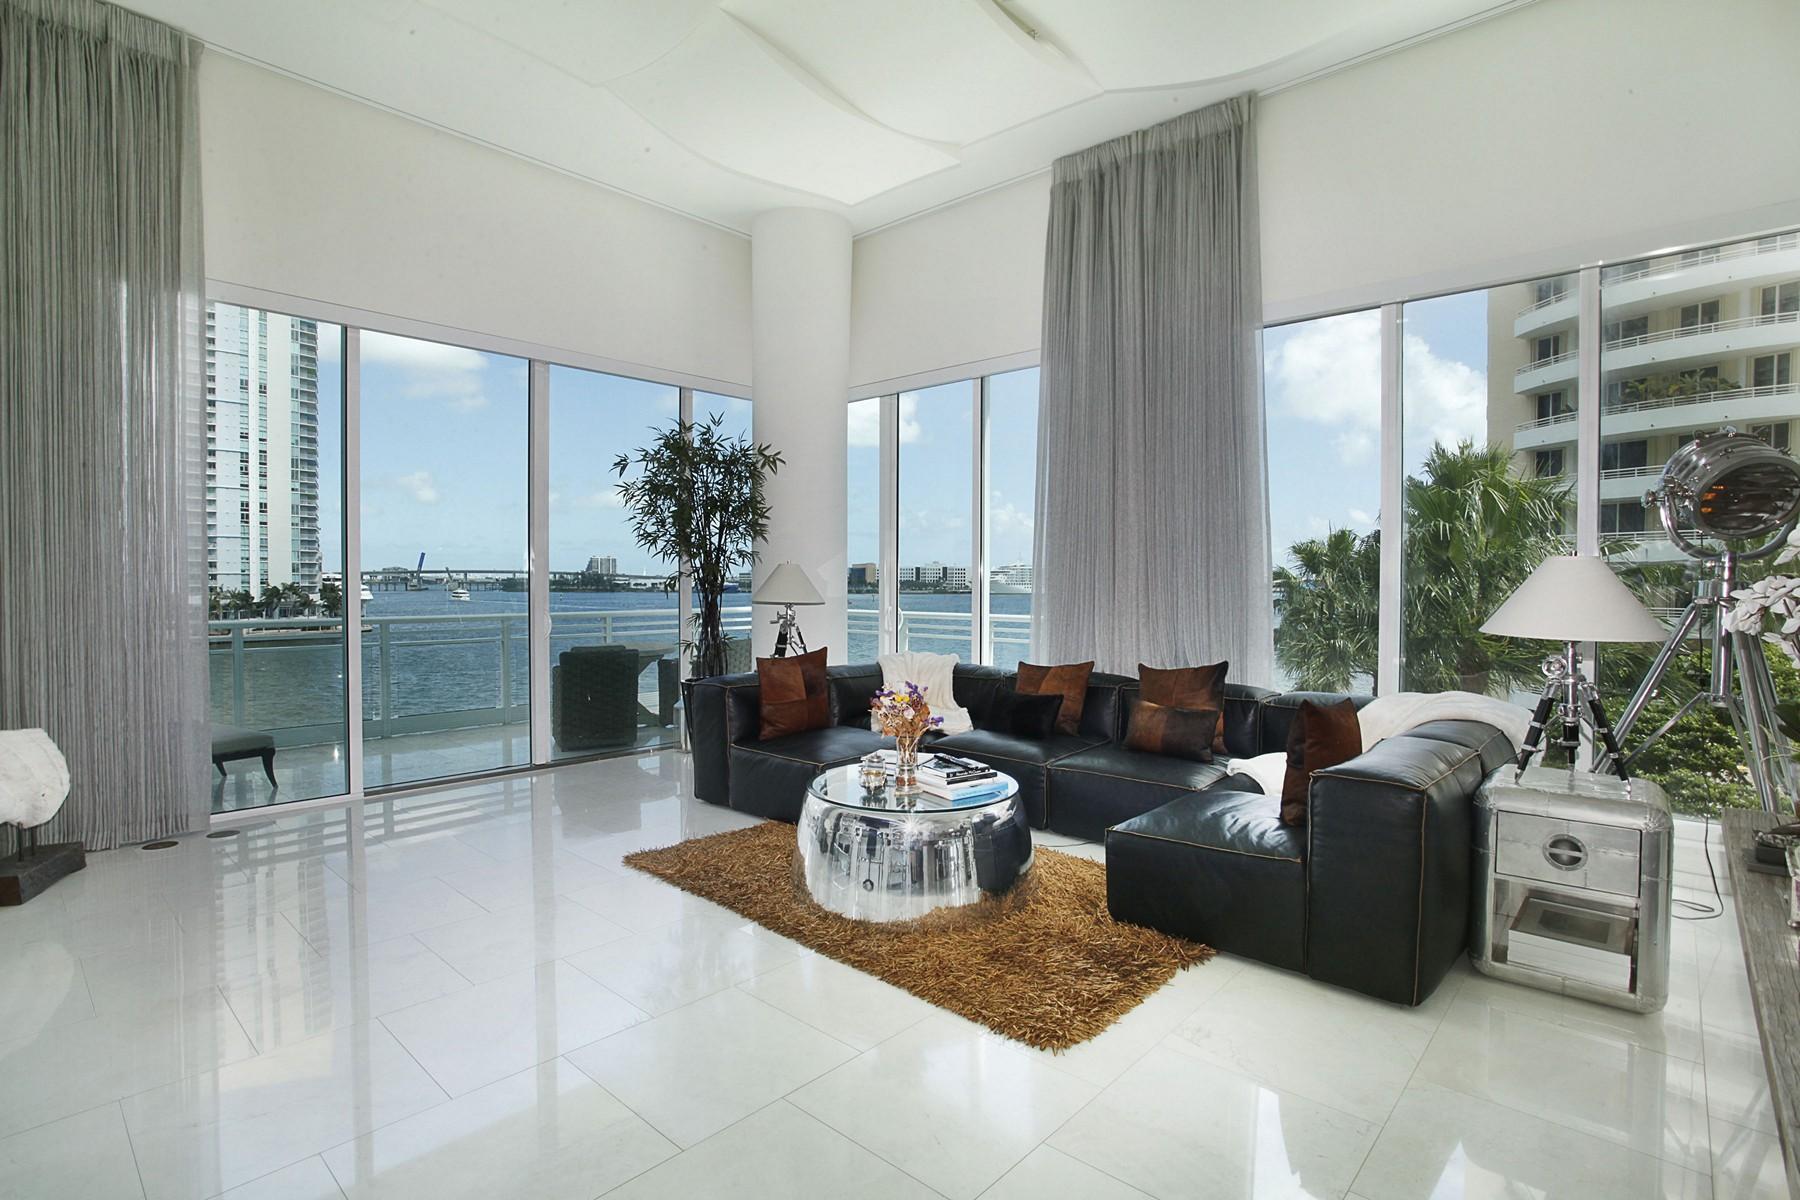 共管式独立产权公寓 为 销售 在 900 Brickell Key BL #403503 900 Brickell Key Bl 4503 迈阿密, 佛罗里达州, 33131 美国